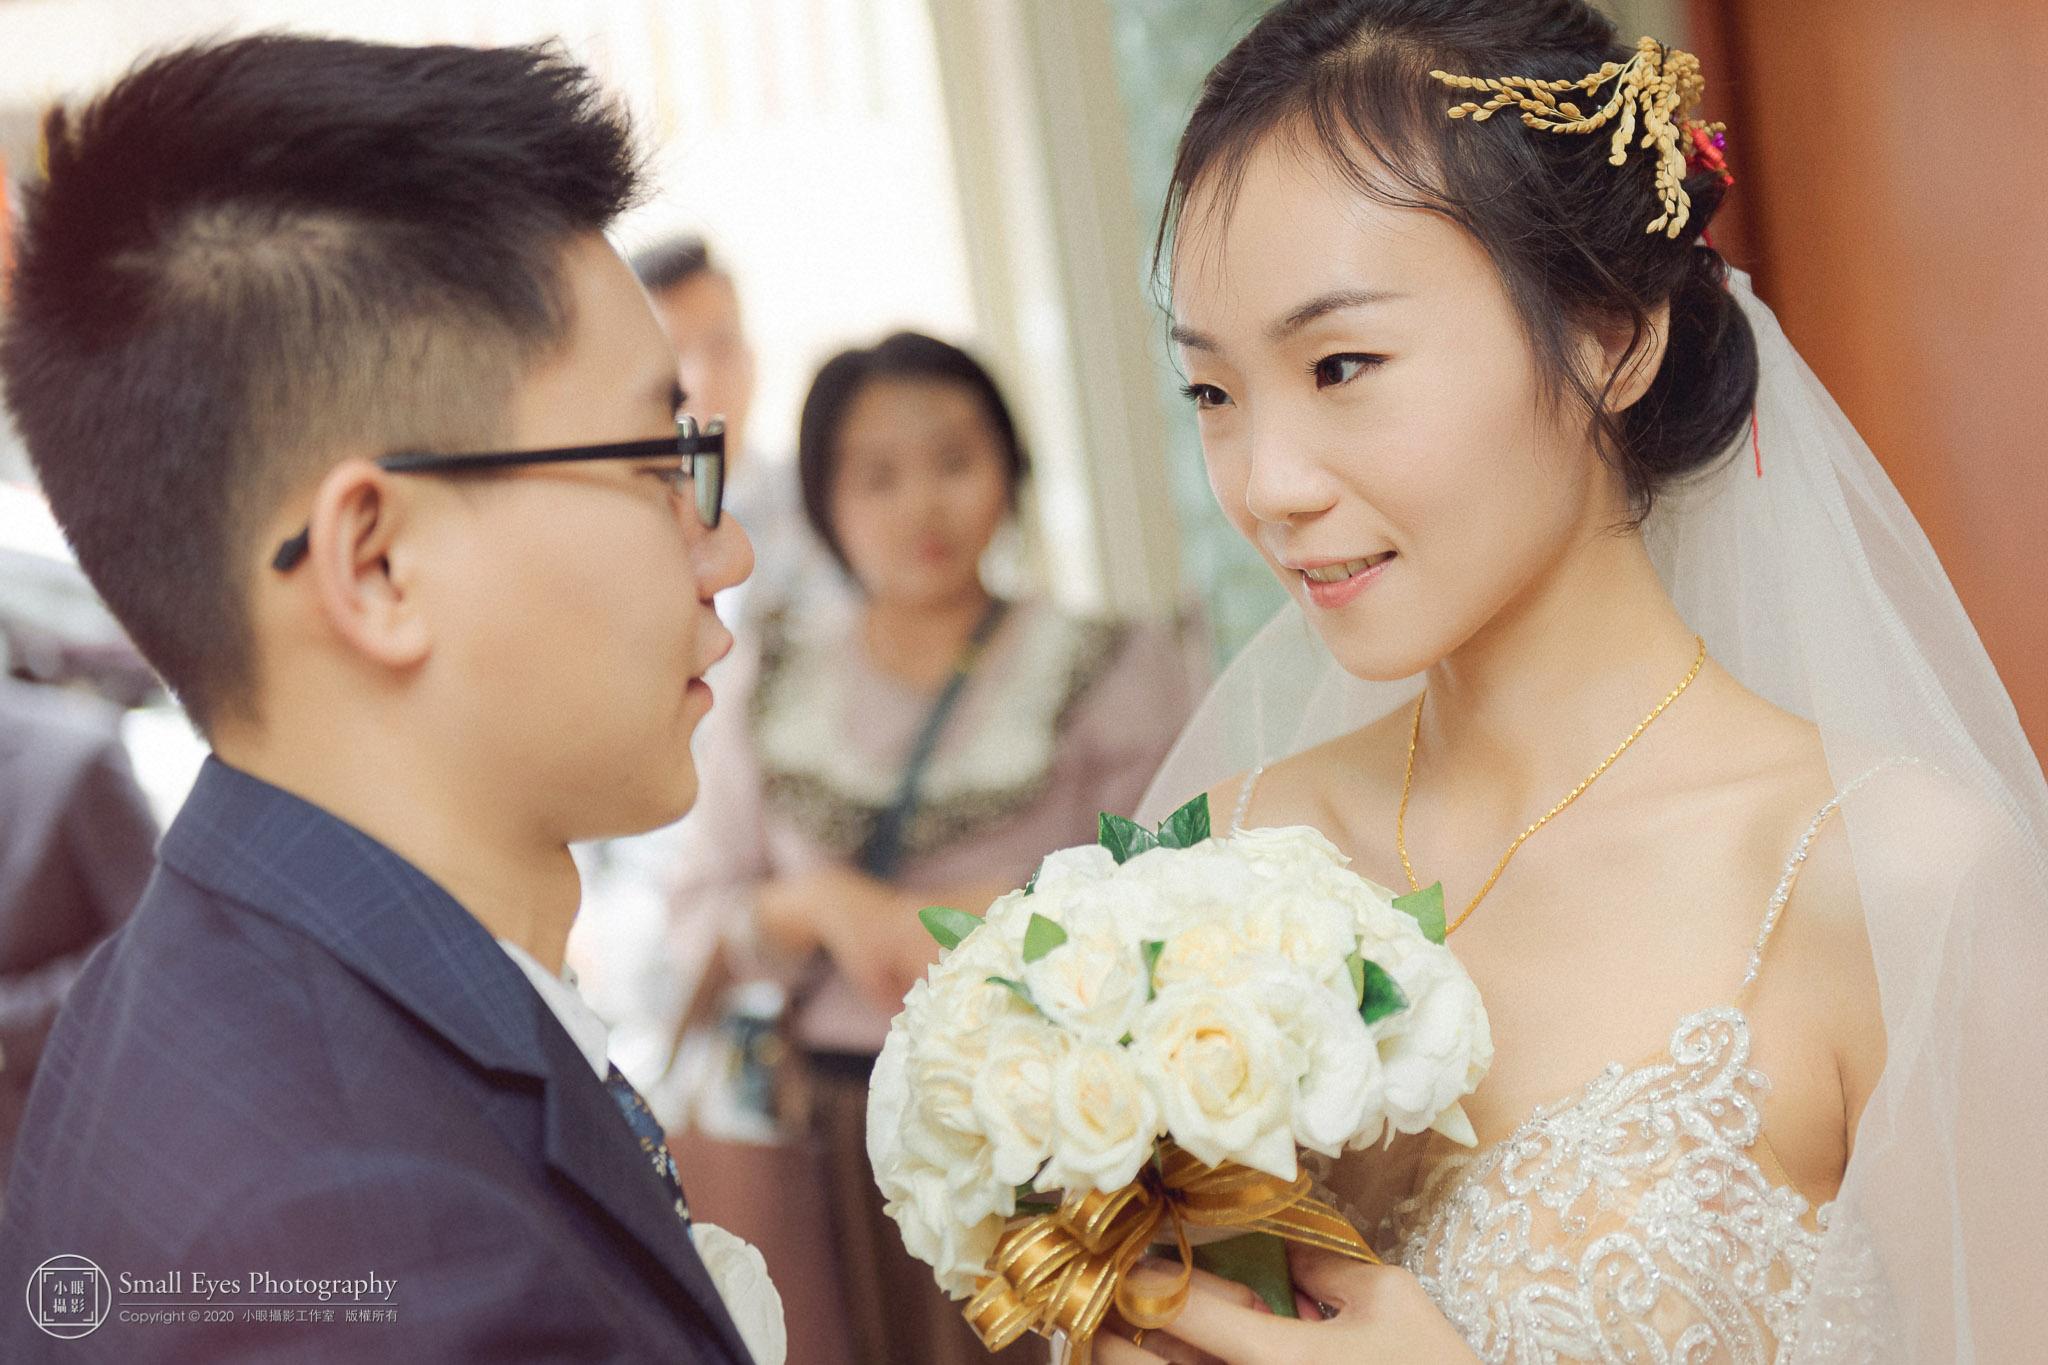 小眼攝影,裸背,小眼,婚攝,訂婚,傅祐承,台北,婚禮攝影,婚禮紀實,婚禮紀錄,推薦,白紗,文訂,頭紗,迎娶,婚禮,